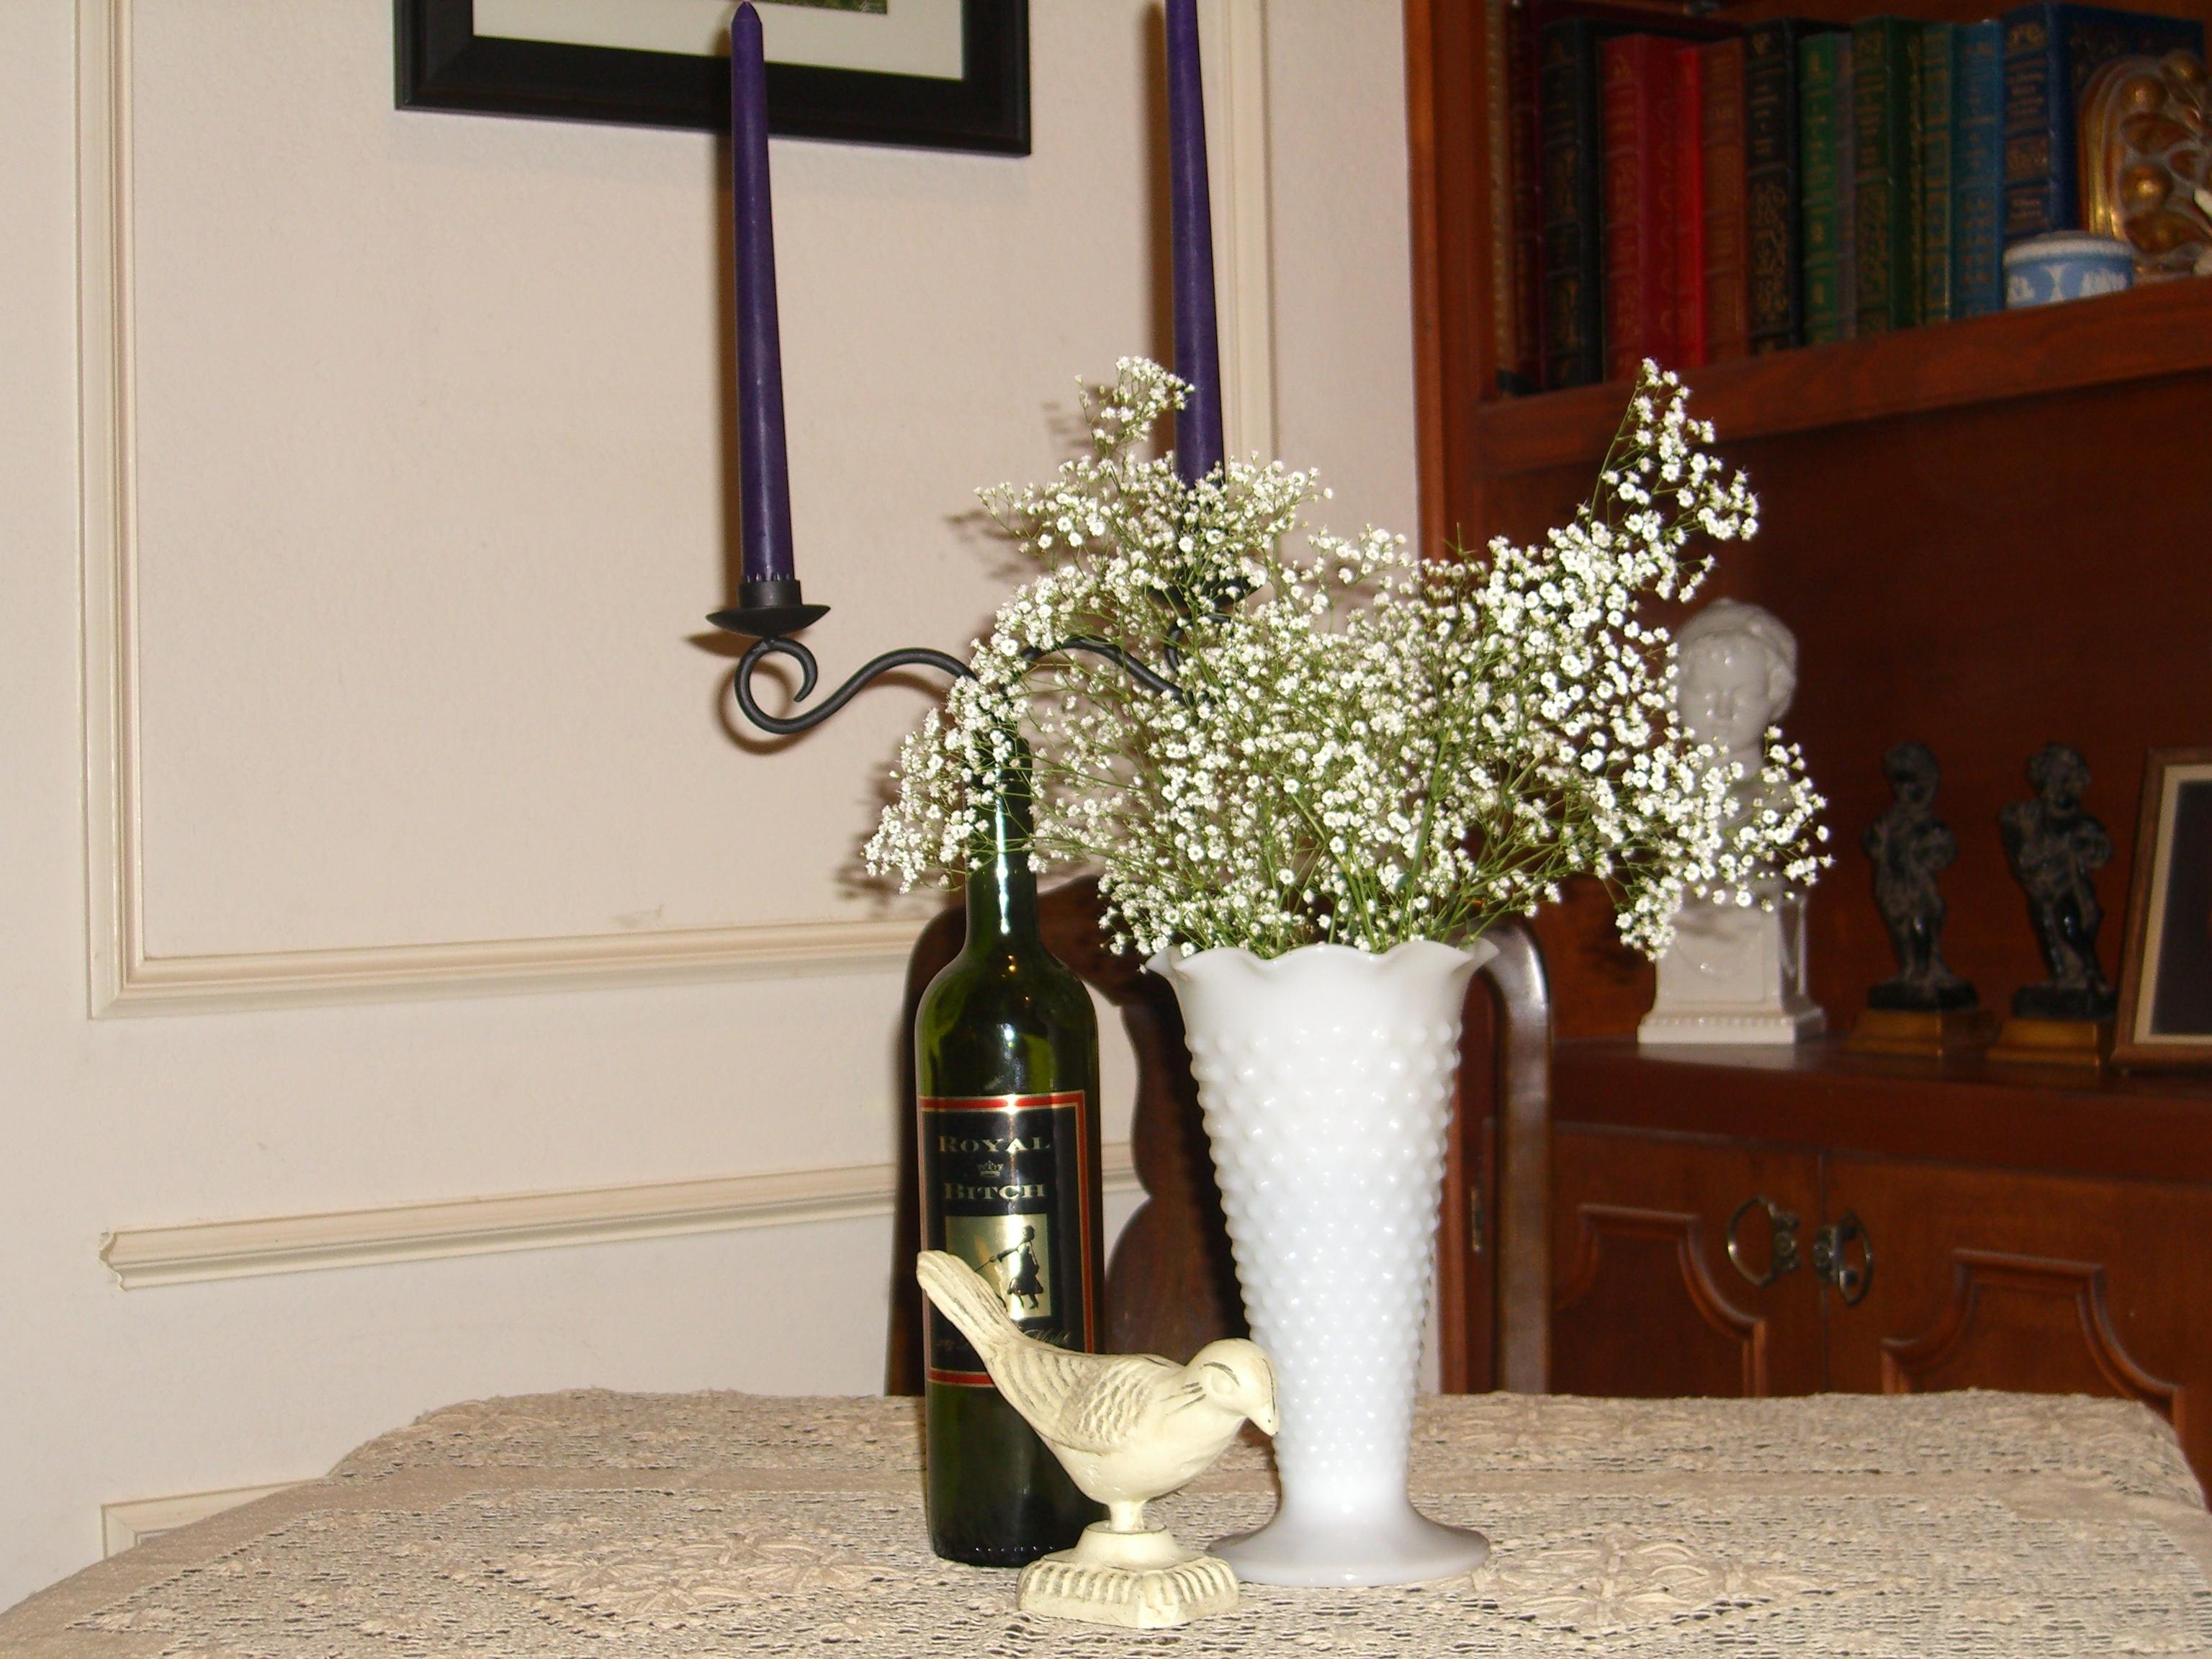 Flowers & Decor, Centerpieces, Flowers, Centerpiece, Decorations